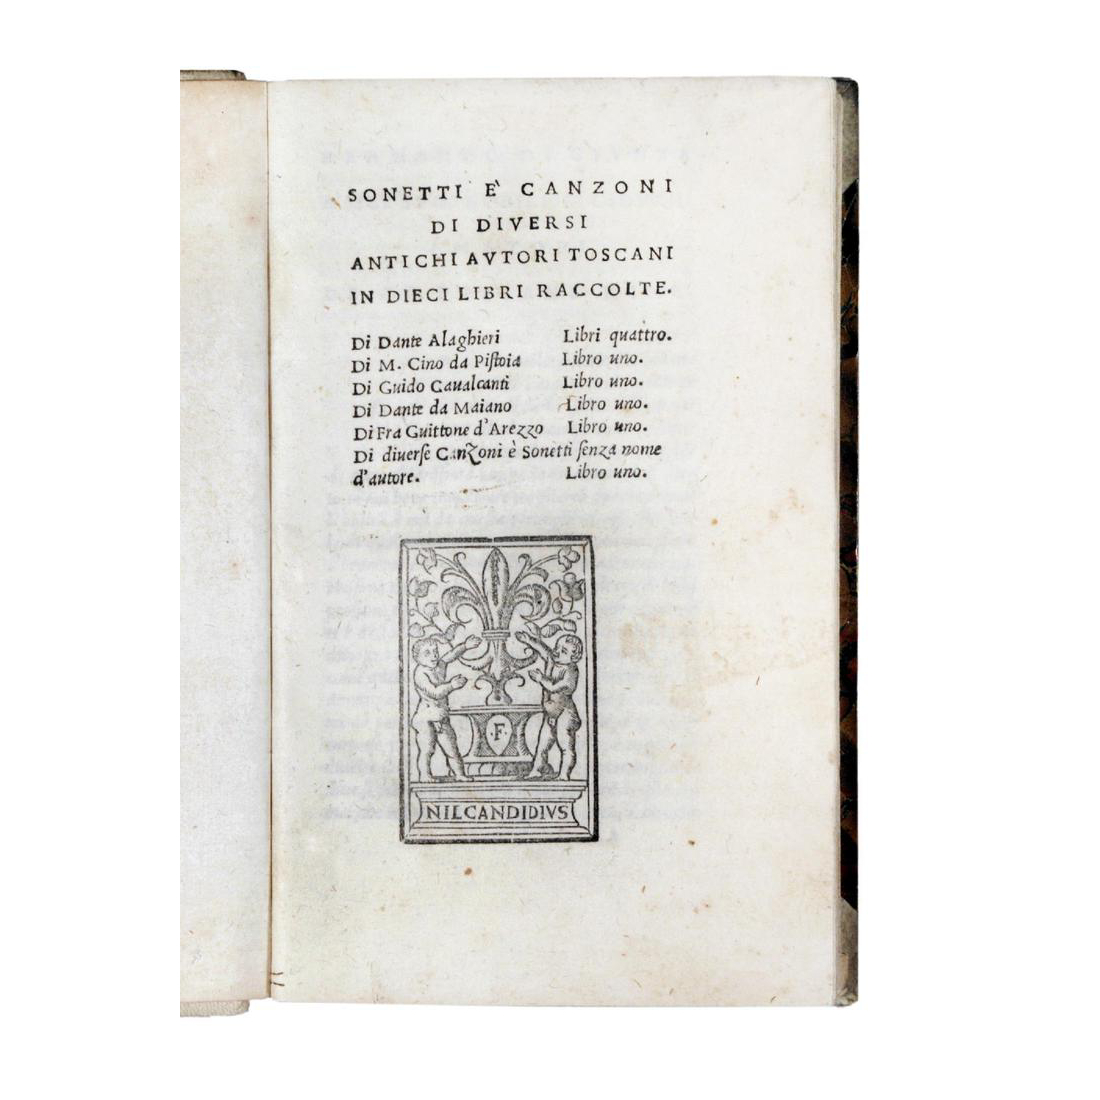 Dante sonetti.jpg